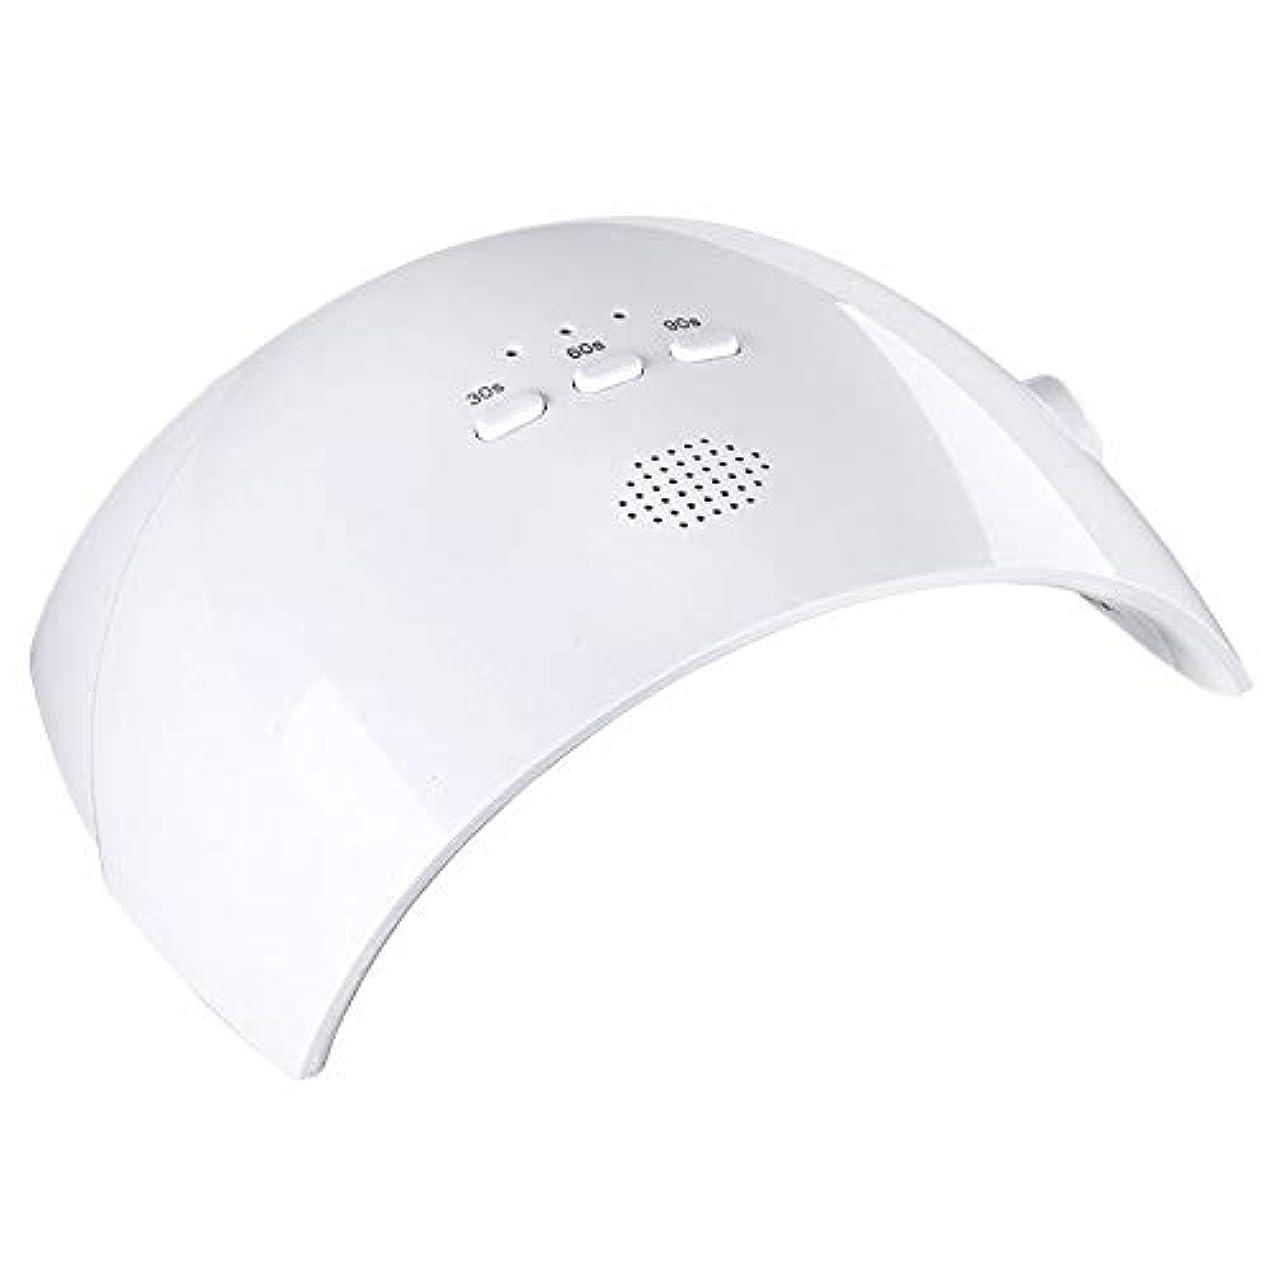 刺す美的放出ネイルライト、3タイマー設定付き36W UV LEDジェルネイルドライヤー - プロフェッショナルジェルネイルポリッシュランプ